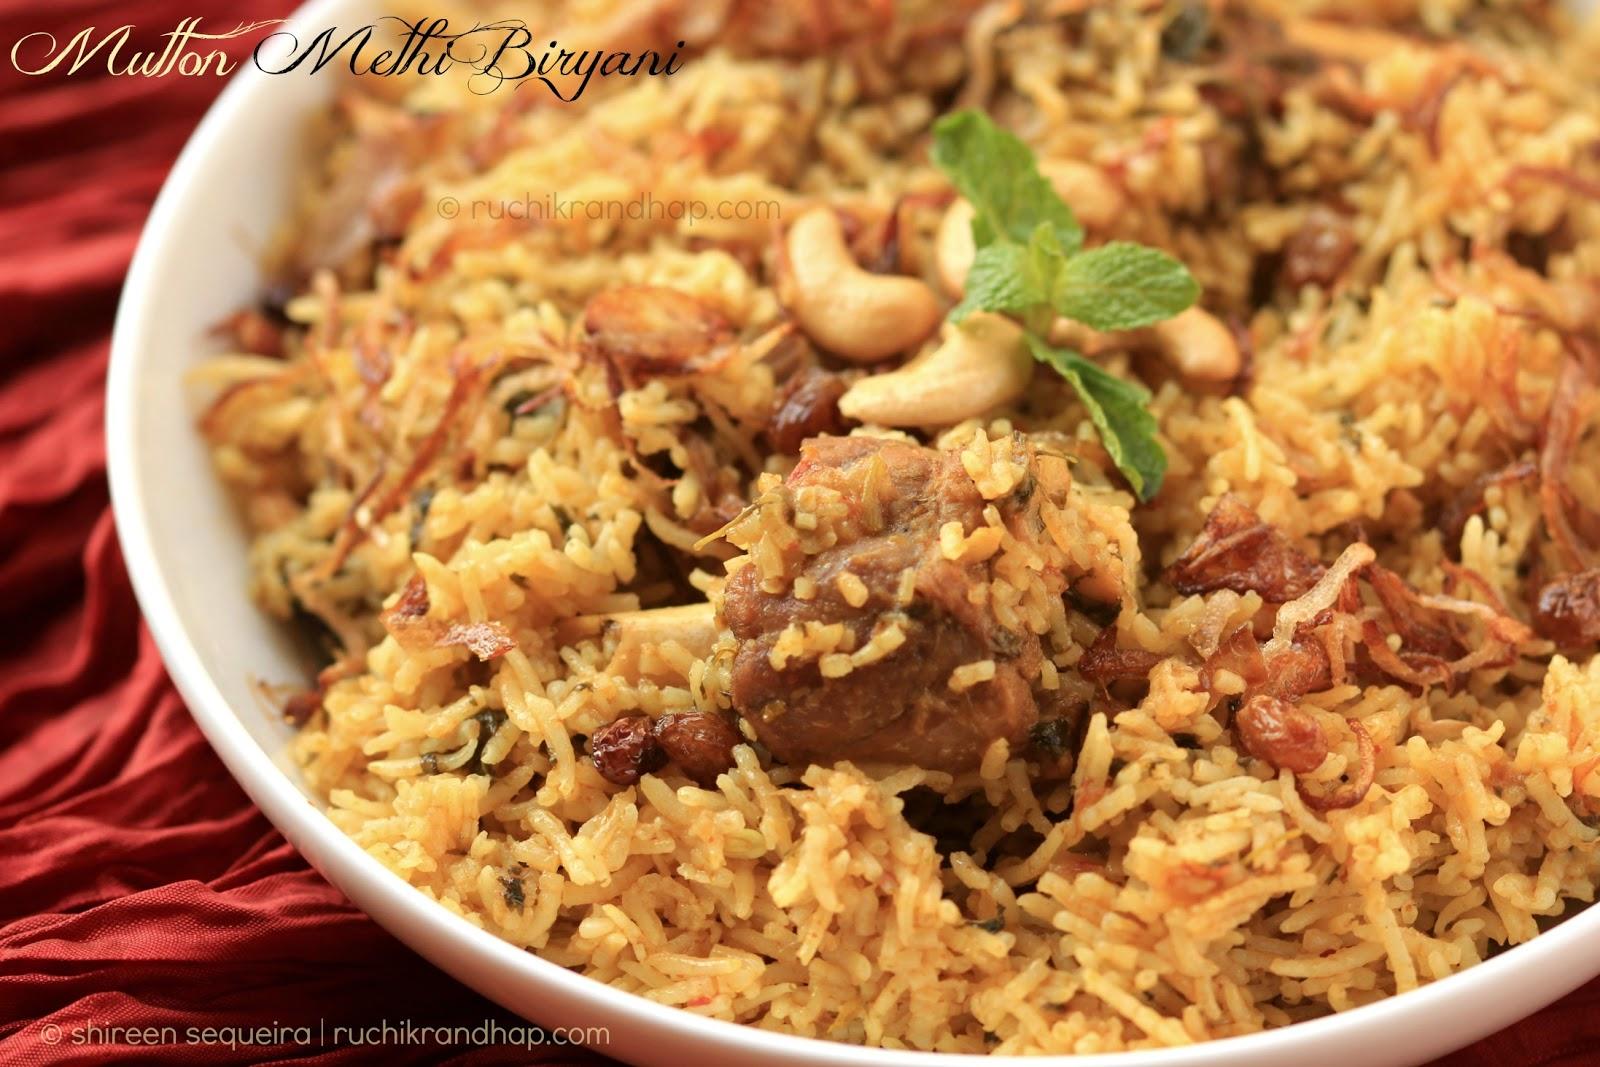 Chicken biryani muslim style - photo#13